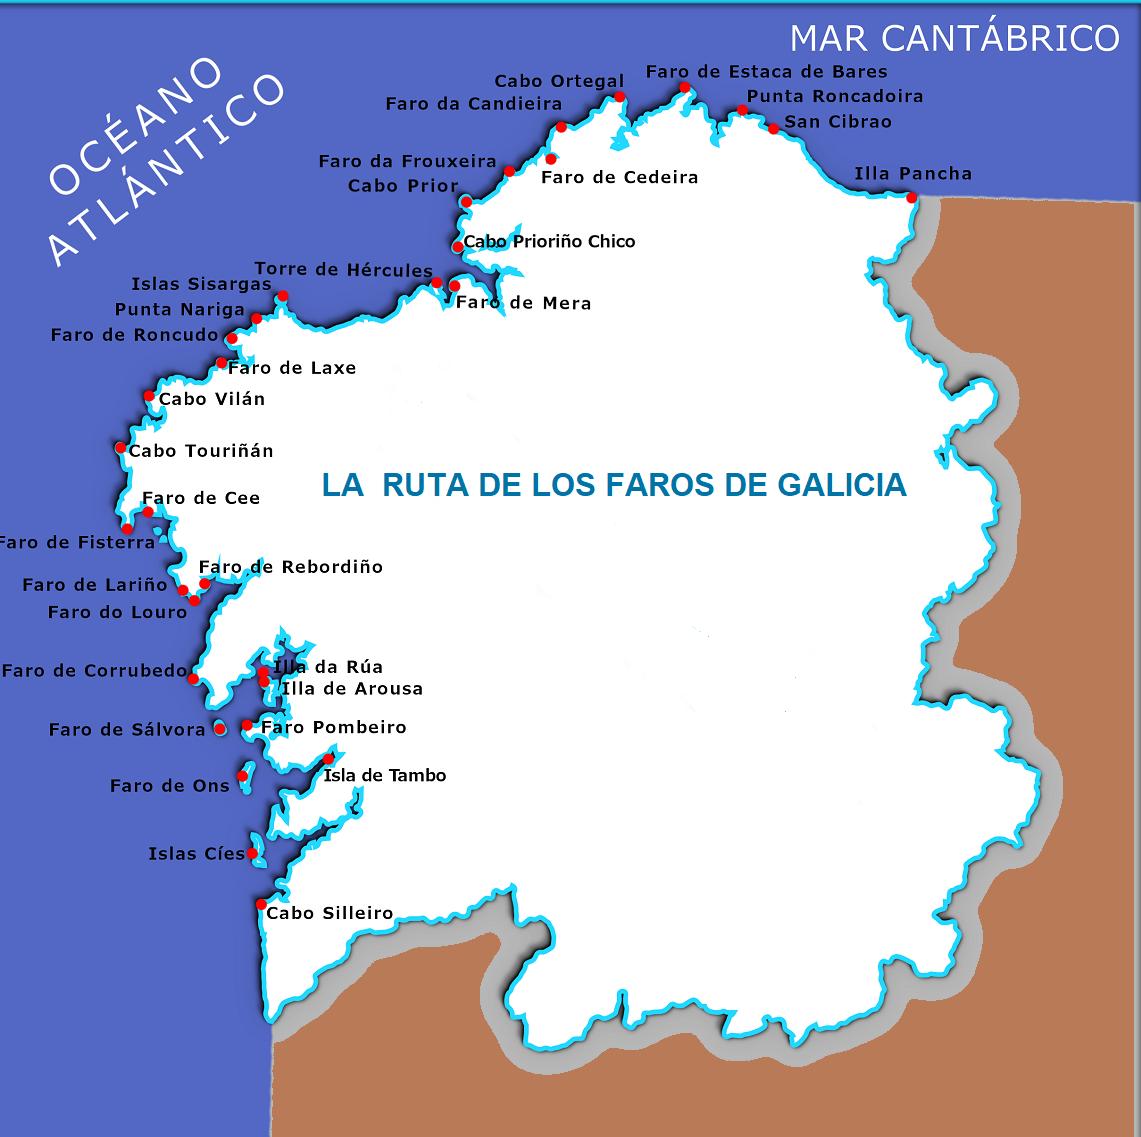 galicia mapa faros ART 225: VIAJANDO: EL TIEMPO EN TU DESTINO RUTA DE LOS FAROS/GALICIA